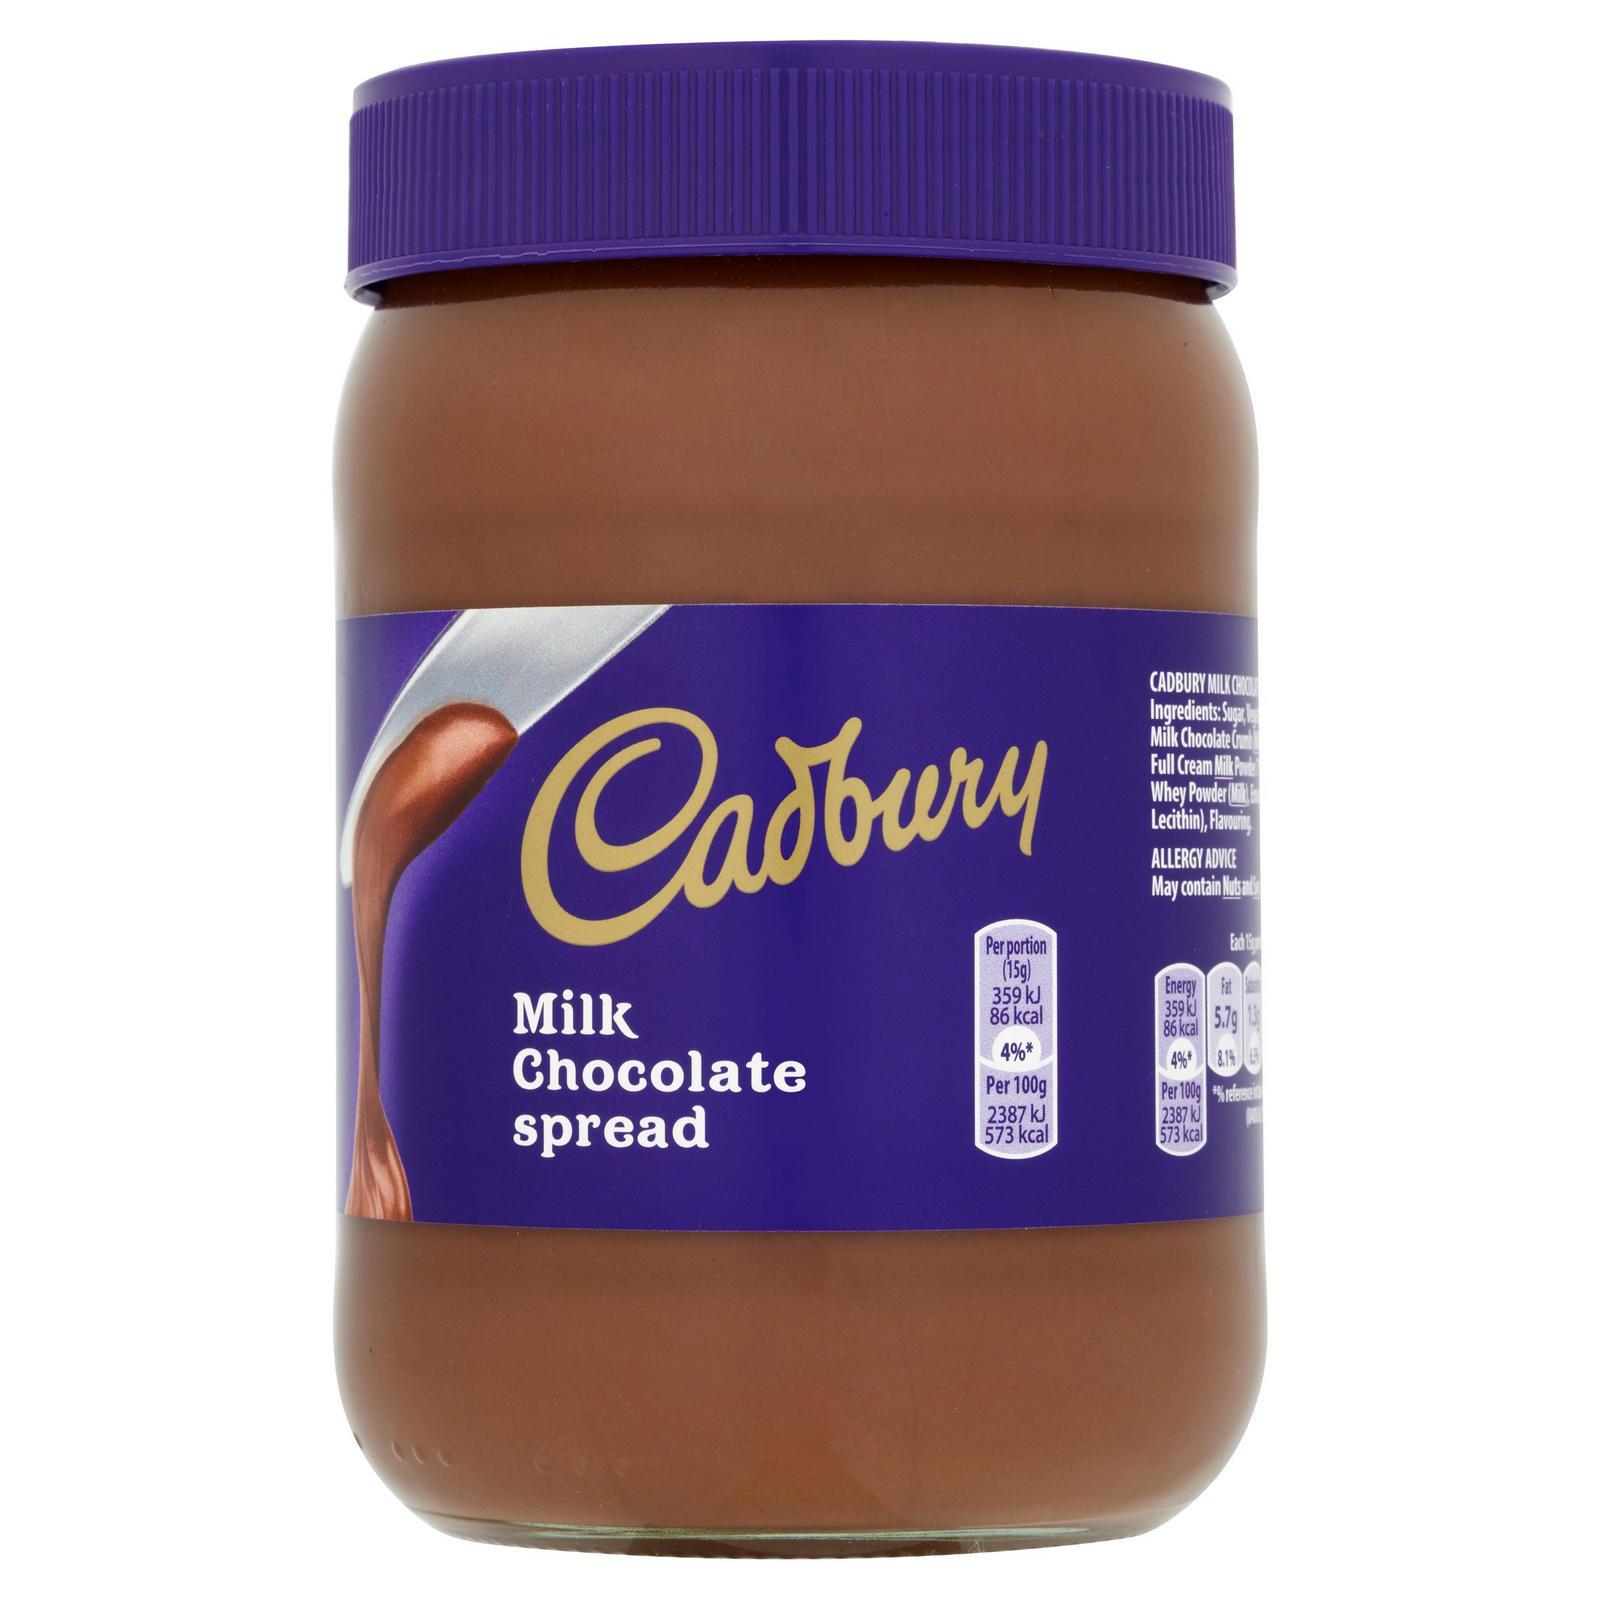 Cadbury Milk Chocolate Spread 700g £1.50 / Krüger Impress Swirl Chocolate Hazelnut Spread 700g £0.75 @ Iceland